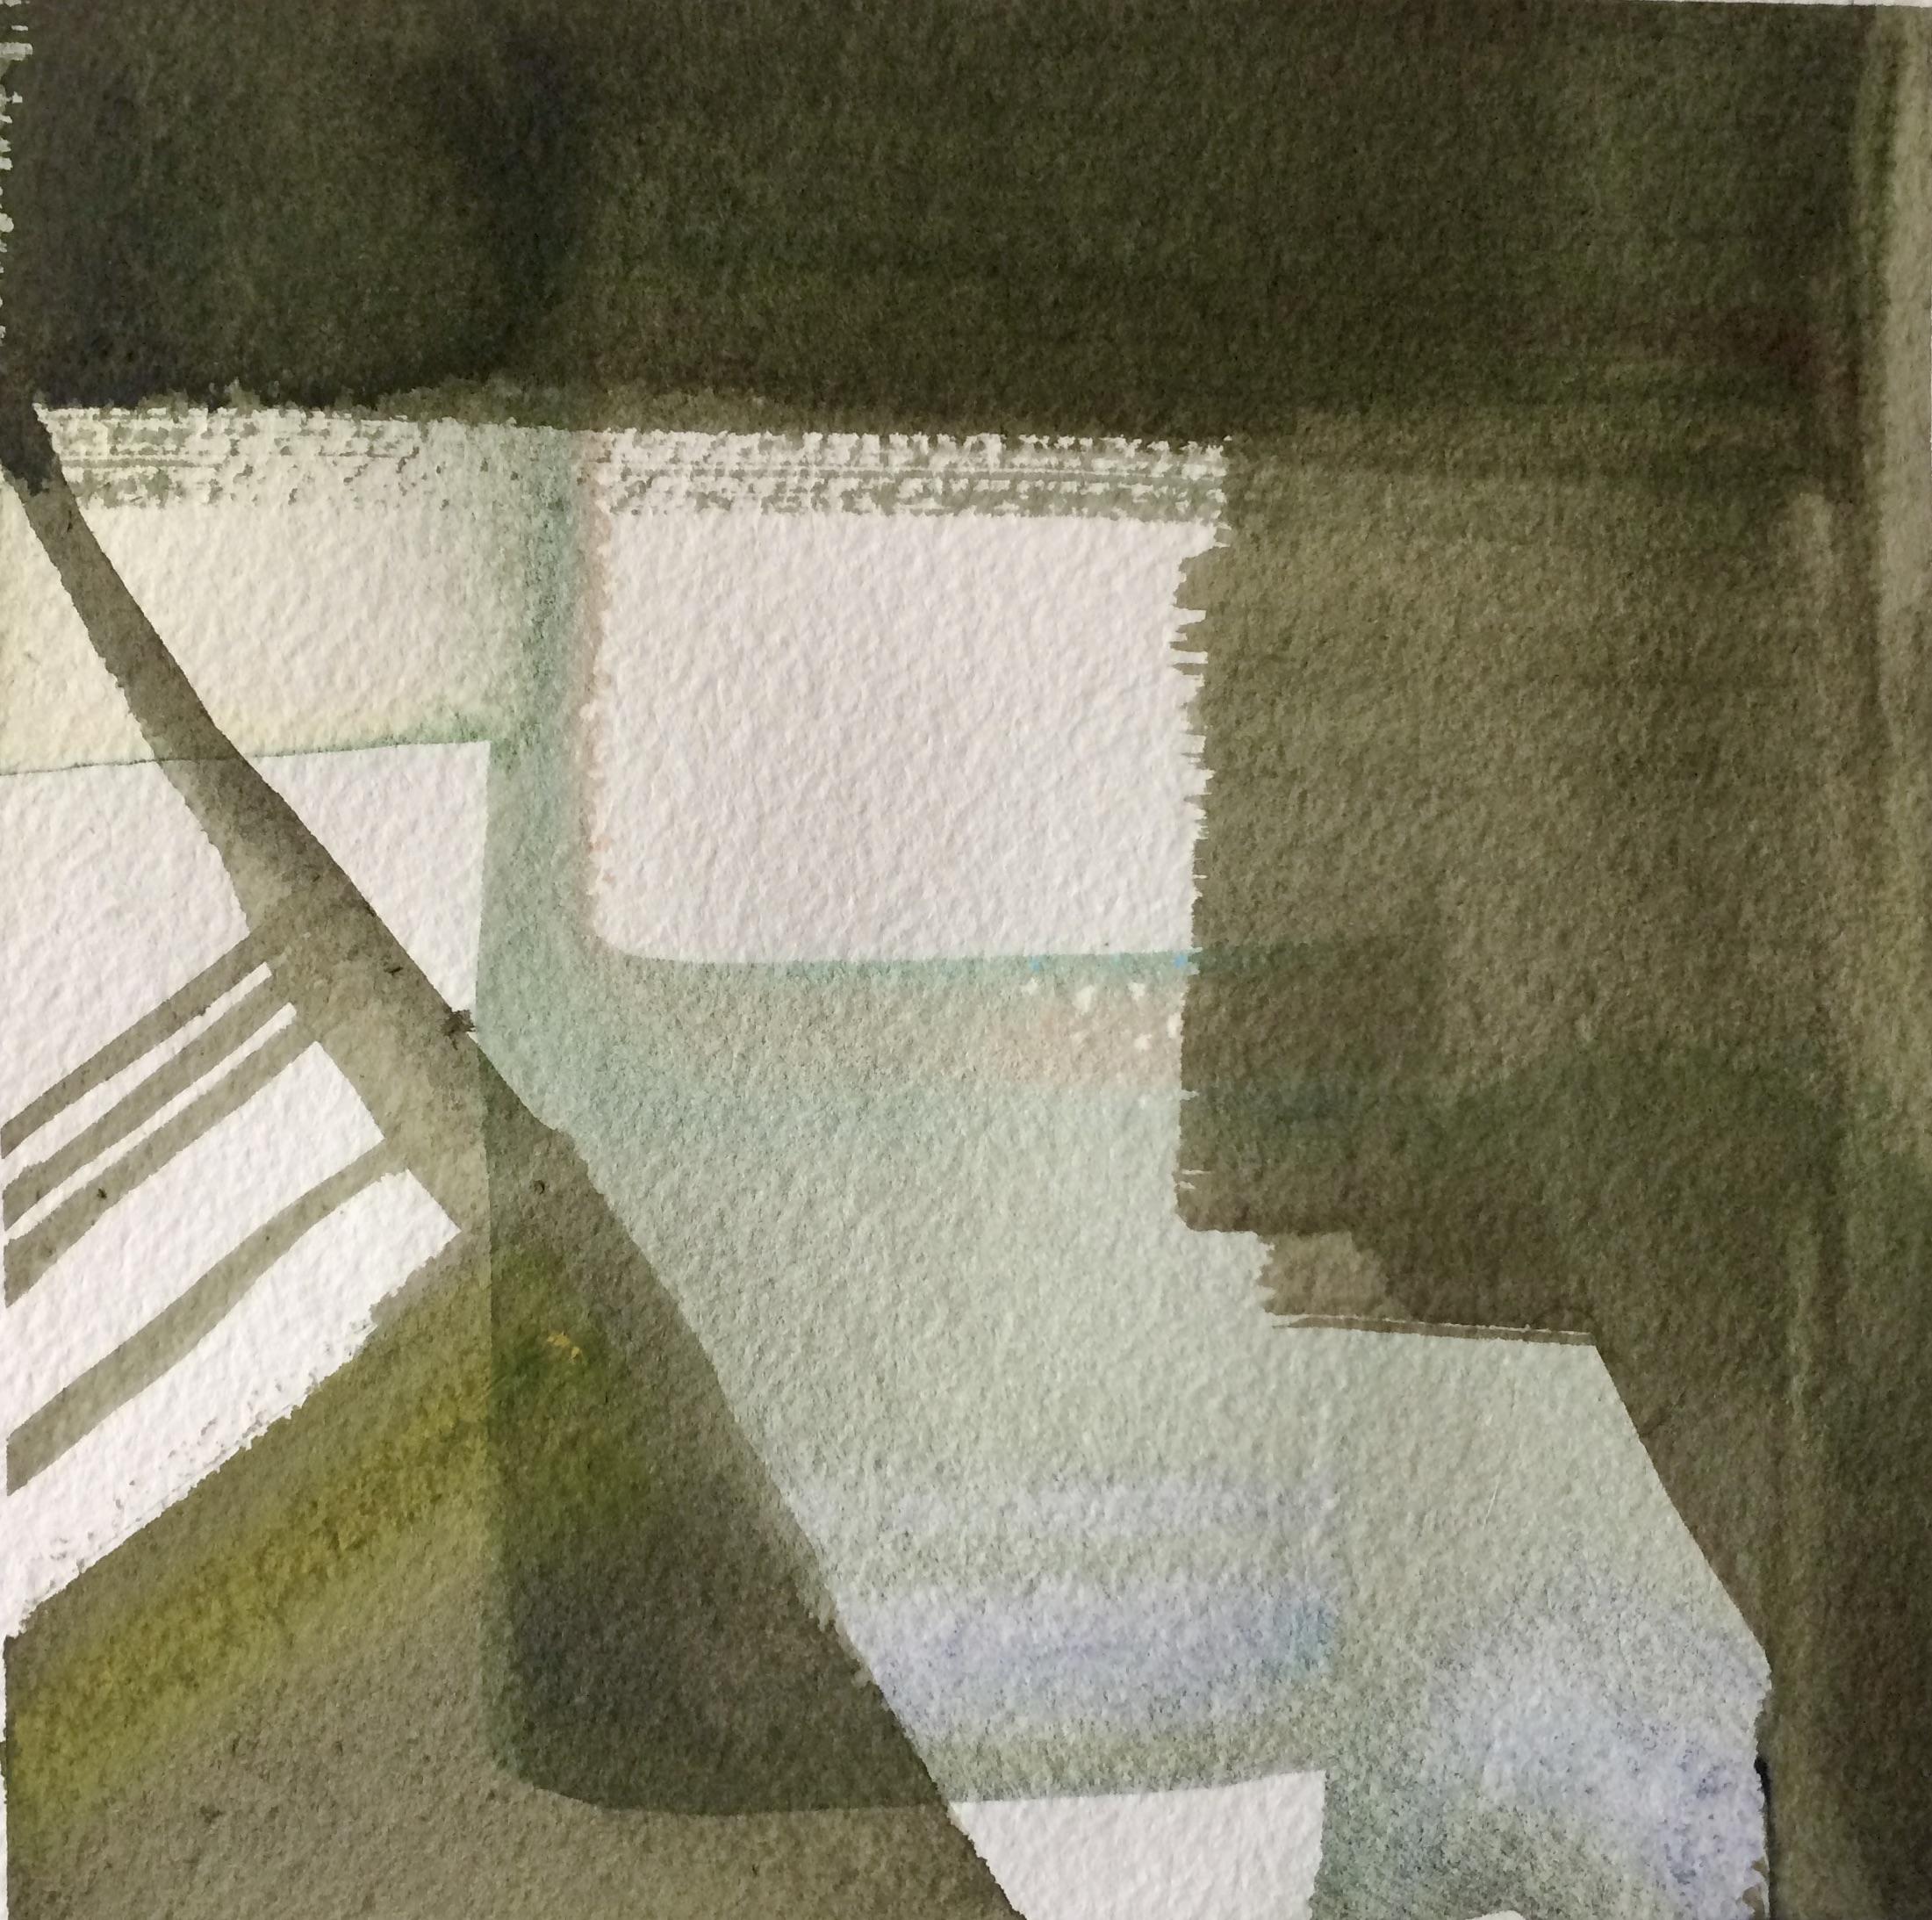 Eksperimentelt. Akvarel. Hanne Ohlsen